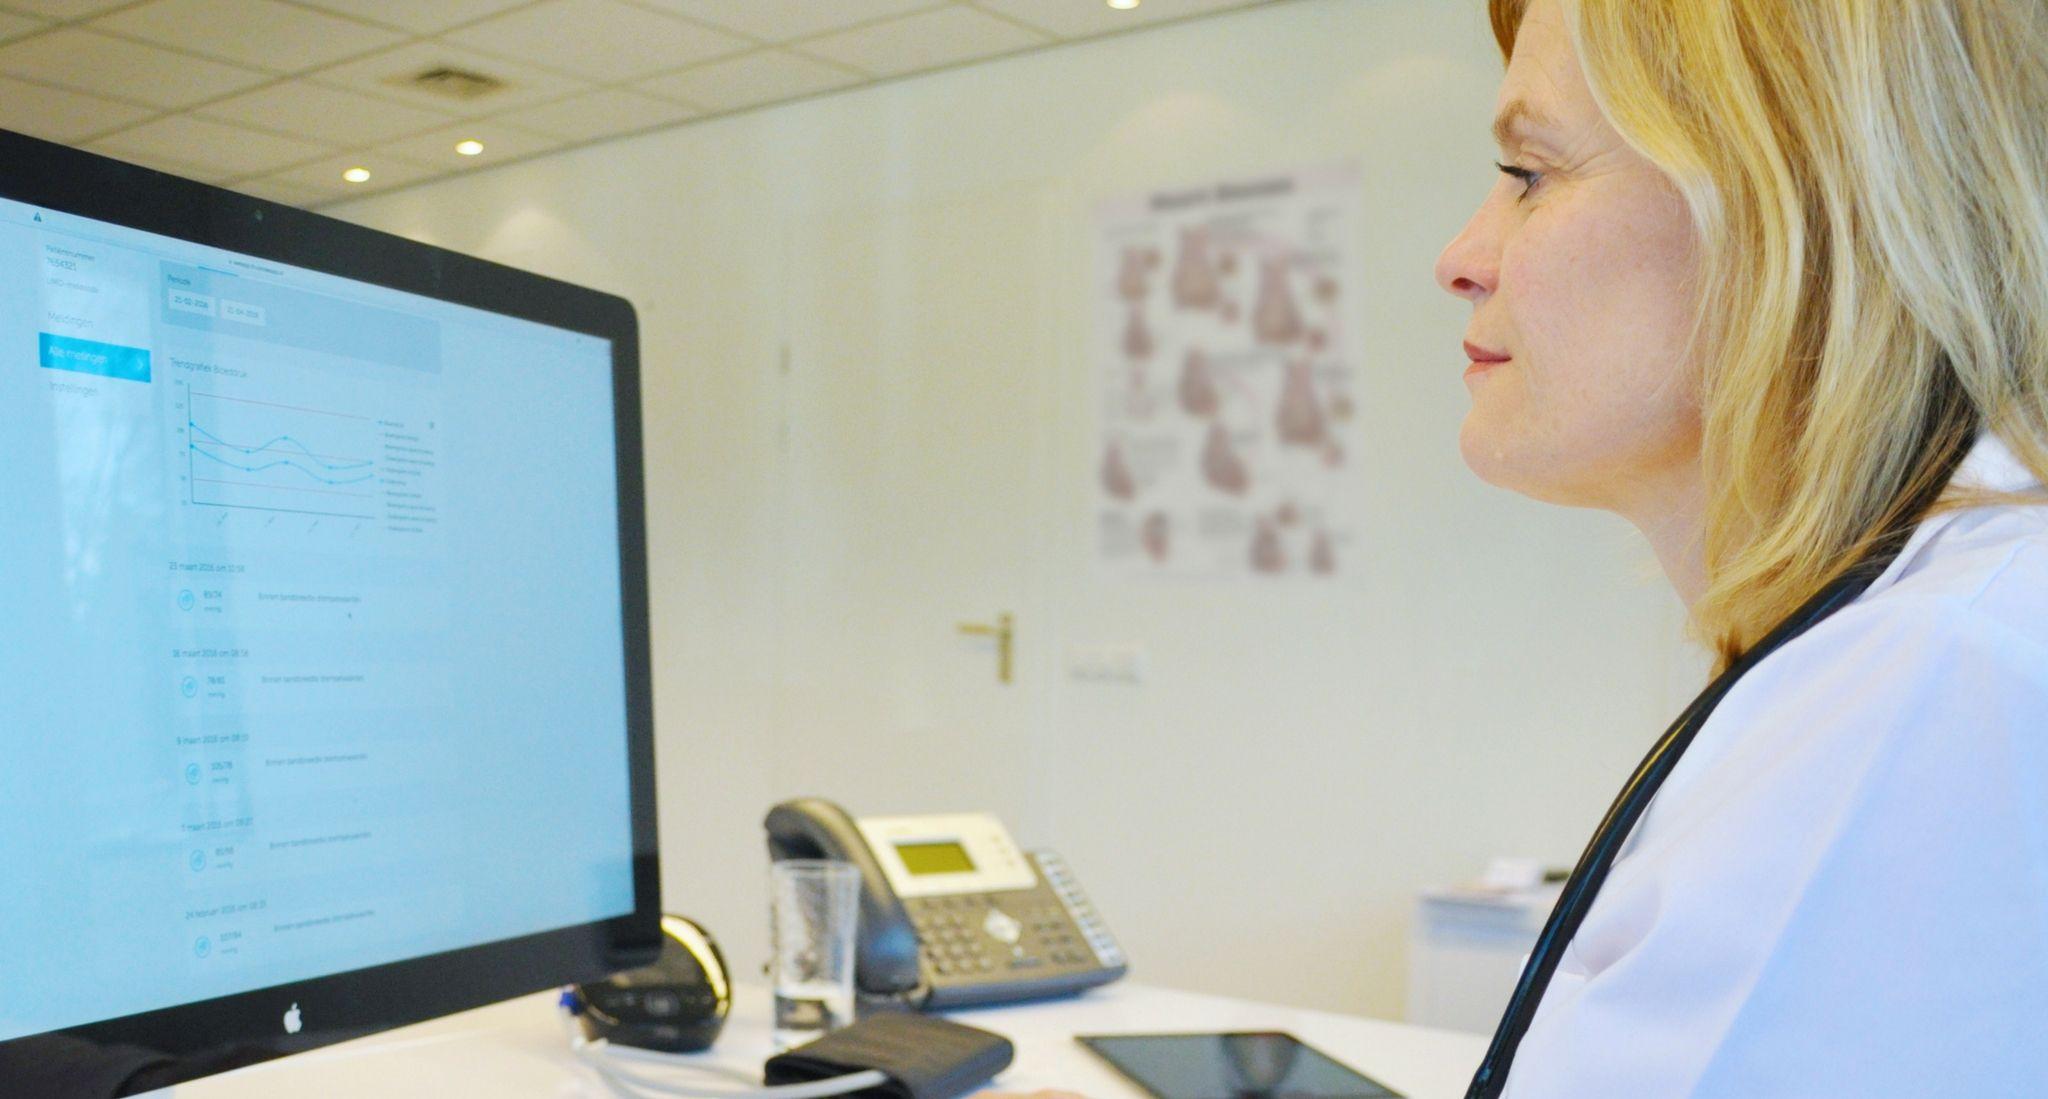 Een arts monitort meetwaarden als bloeddruk